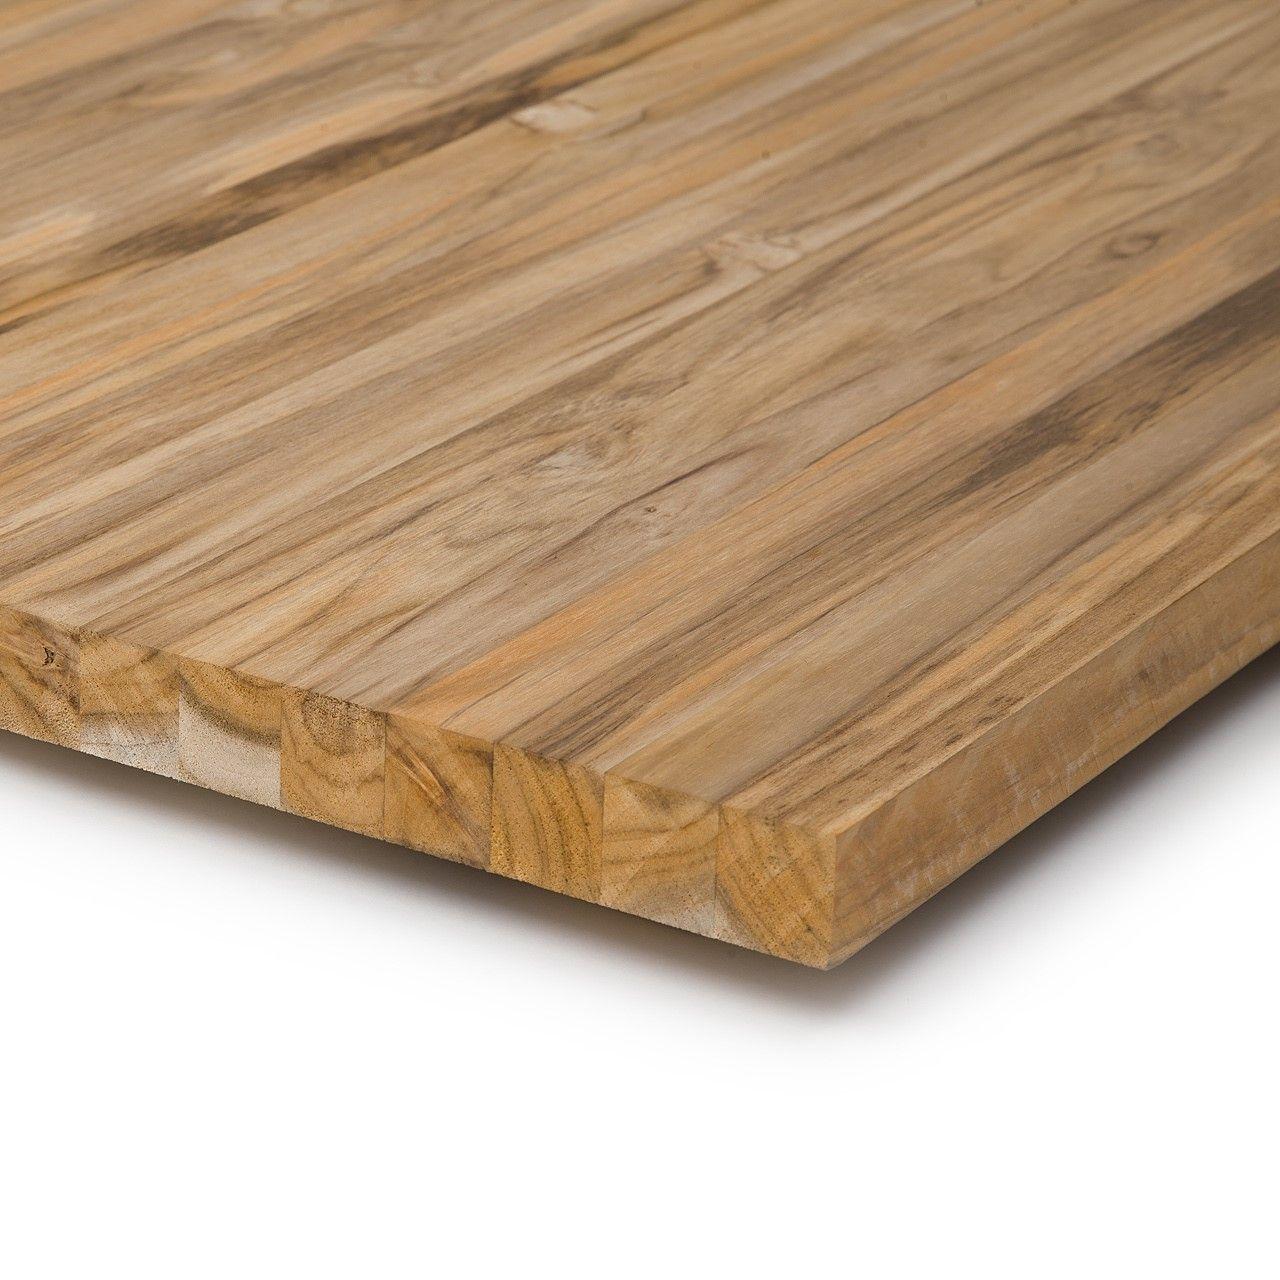 Holzplatte Aus Teak Und Mahagoni Massivholz Fsc 100 Teak Holz Holz Kaufen Teak